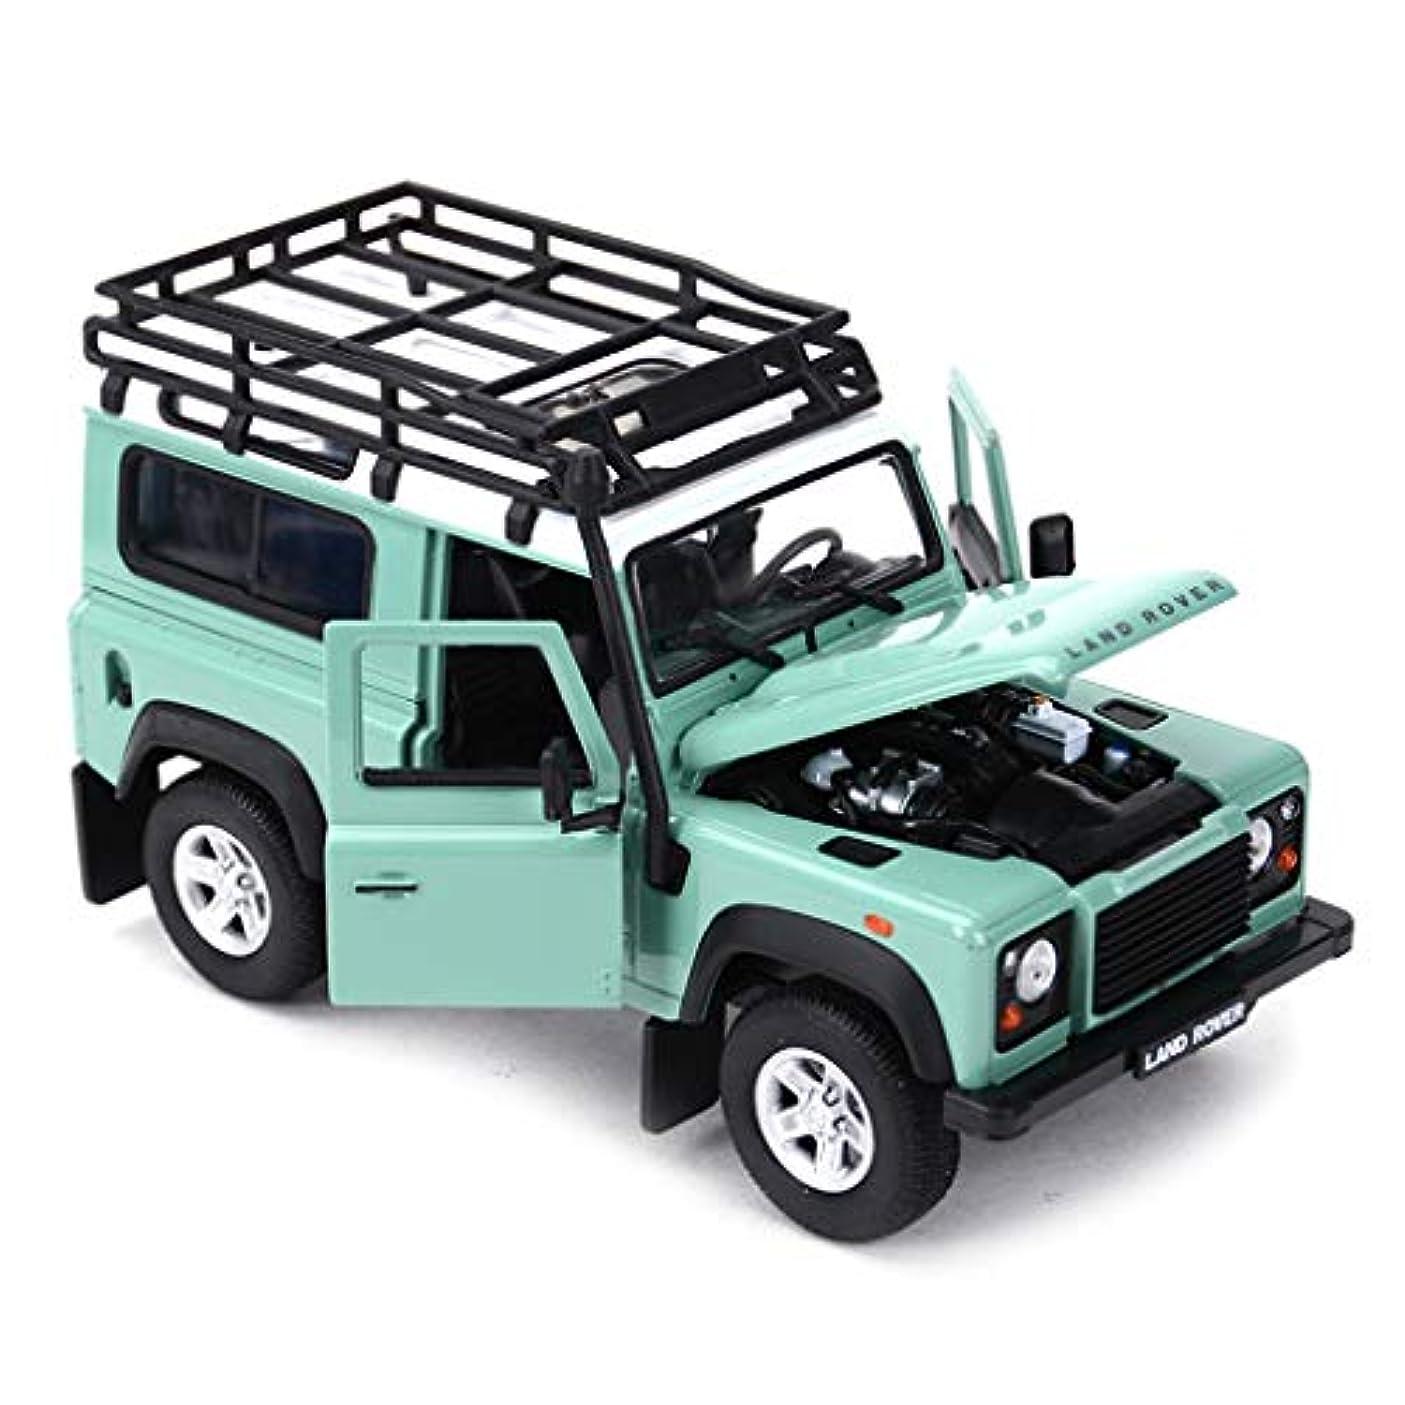 州合法アノイRENJUNカーモデルカー1:24ランドローバーシミュレーション合金ダイカスト玩具ジュエリースポーツカーコレクションジュエリー17×7.6×9.4センチカーモデル